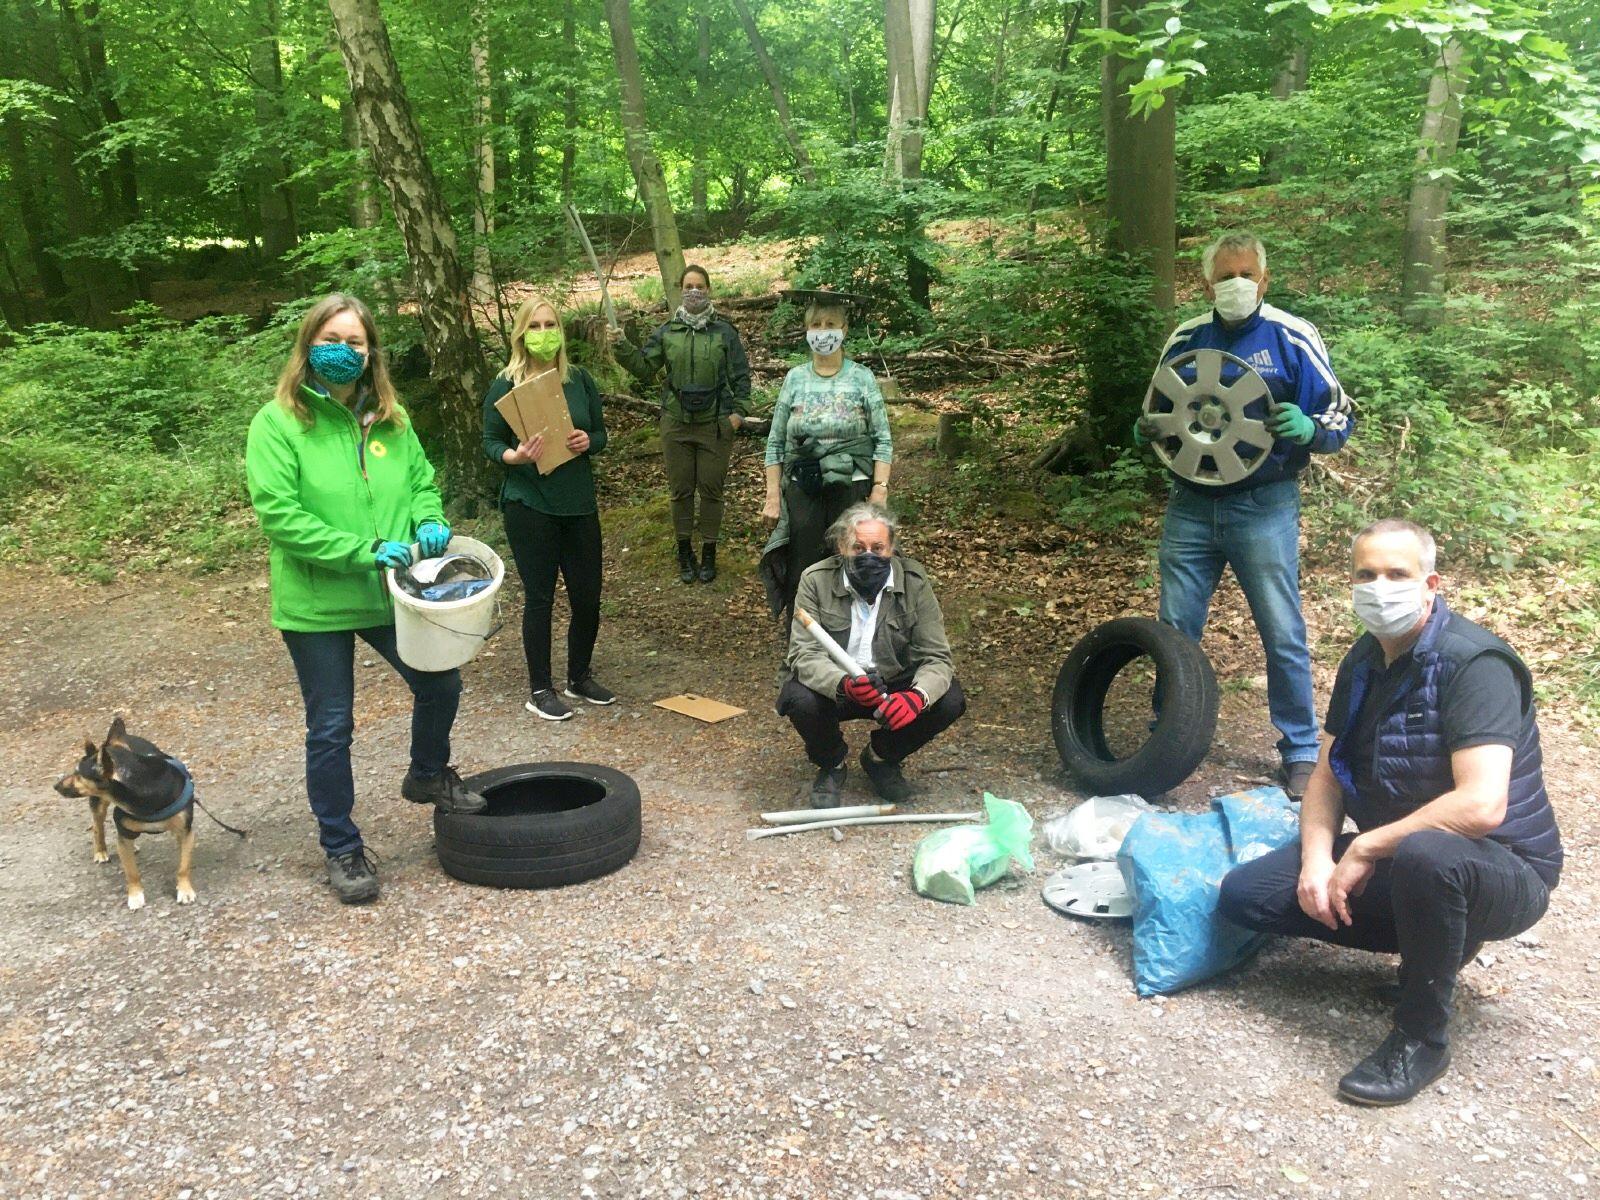 Nenndorfer Ortsgruppe der GRÜNEN befreit Deister von Müll